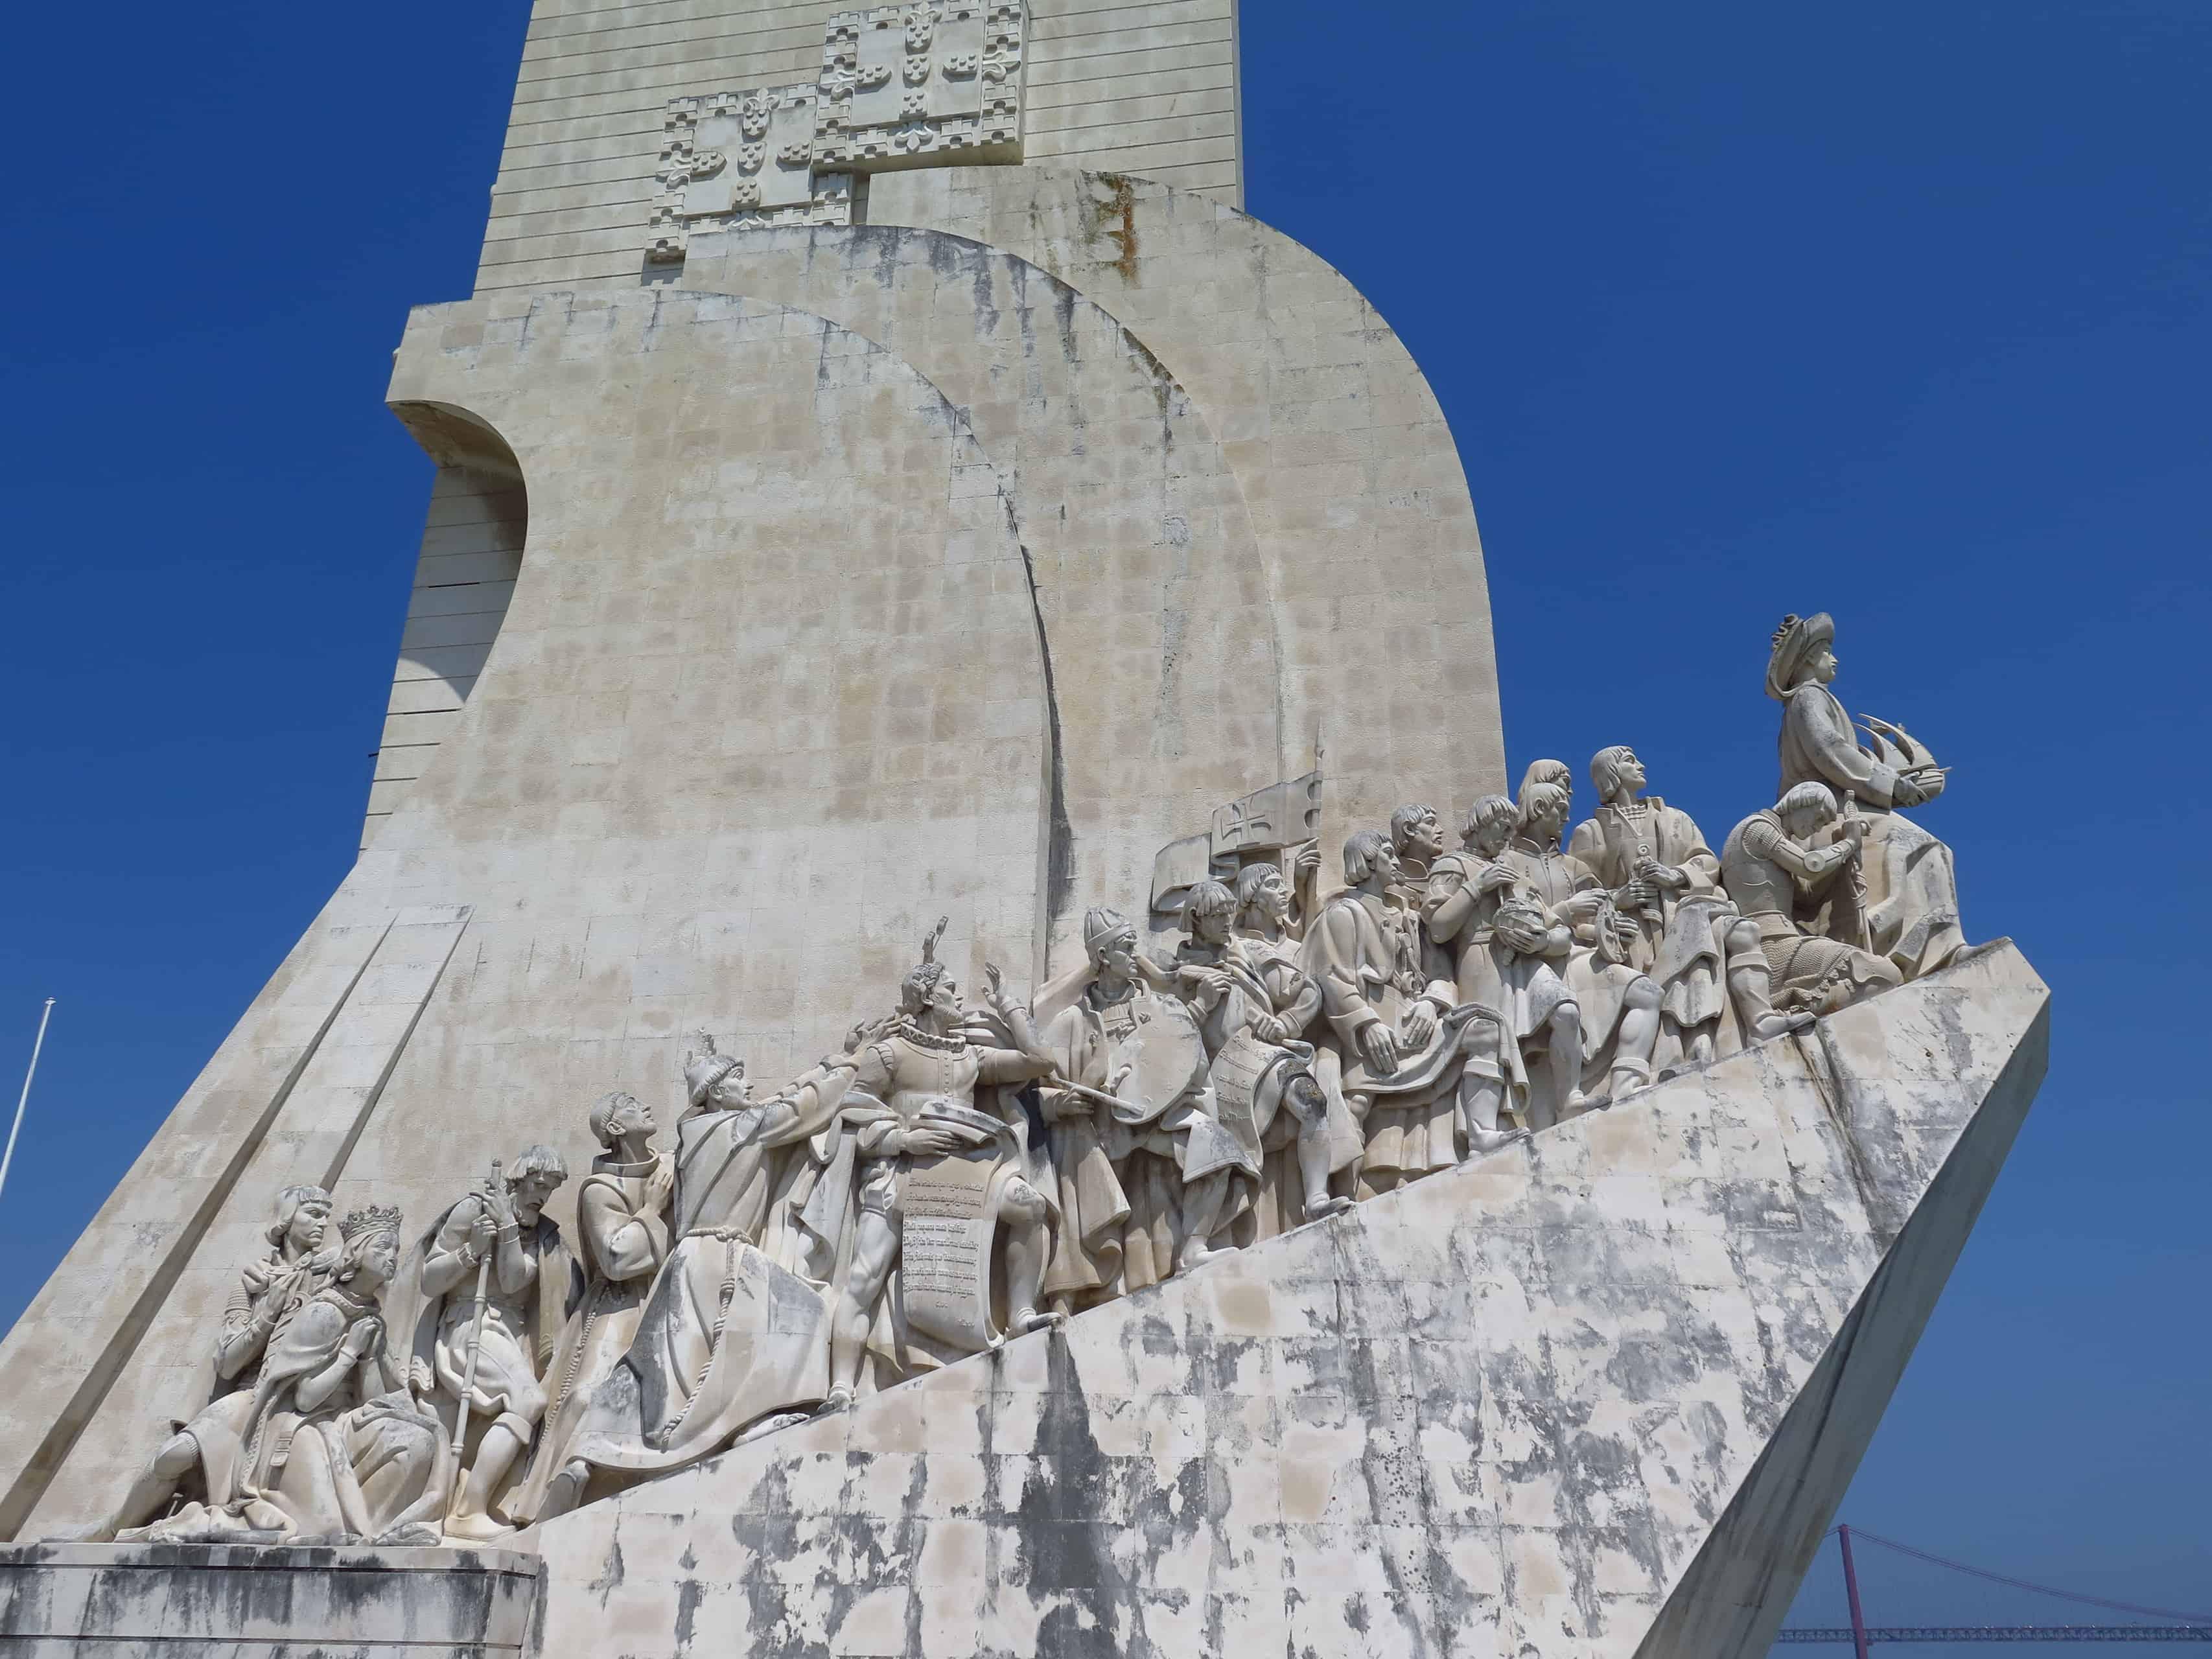 Padrão dos Descobrimentos, em Lisboa: lateral com as figuras históricas.